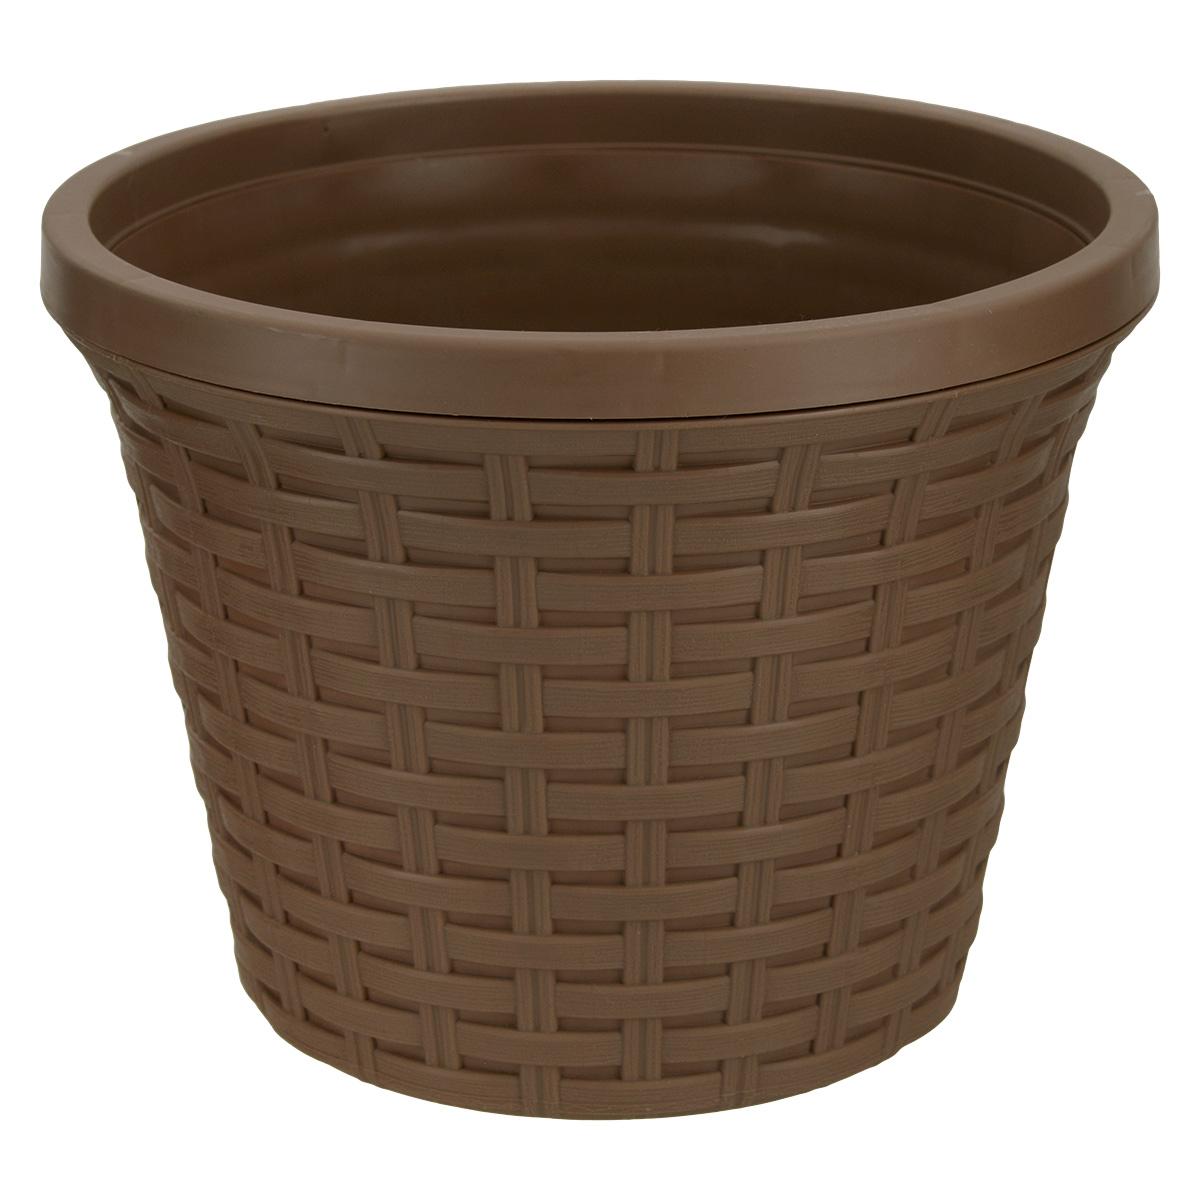 Кашпо круглое Violet Ротанг, с дренажной системой, цвет: какао, 3,4 лZ-0307Круглое кашпо Violet Ротанг изготовлено из высококачественного пластика и оснащено дренажной системой для быстрого отведения избытка воды при поливе. Изделие прекрасно подходит для выращивания растений и цветов в домашних условиях. Лаконичный дизайн впишется в интерьер любого помещения.Объем: 3,4 л.